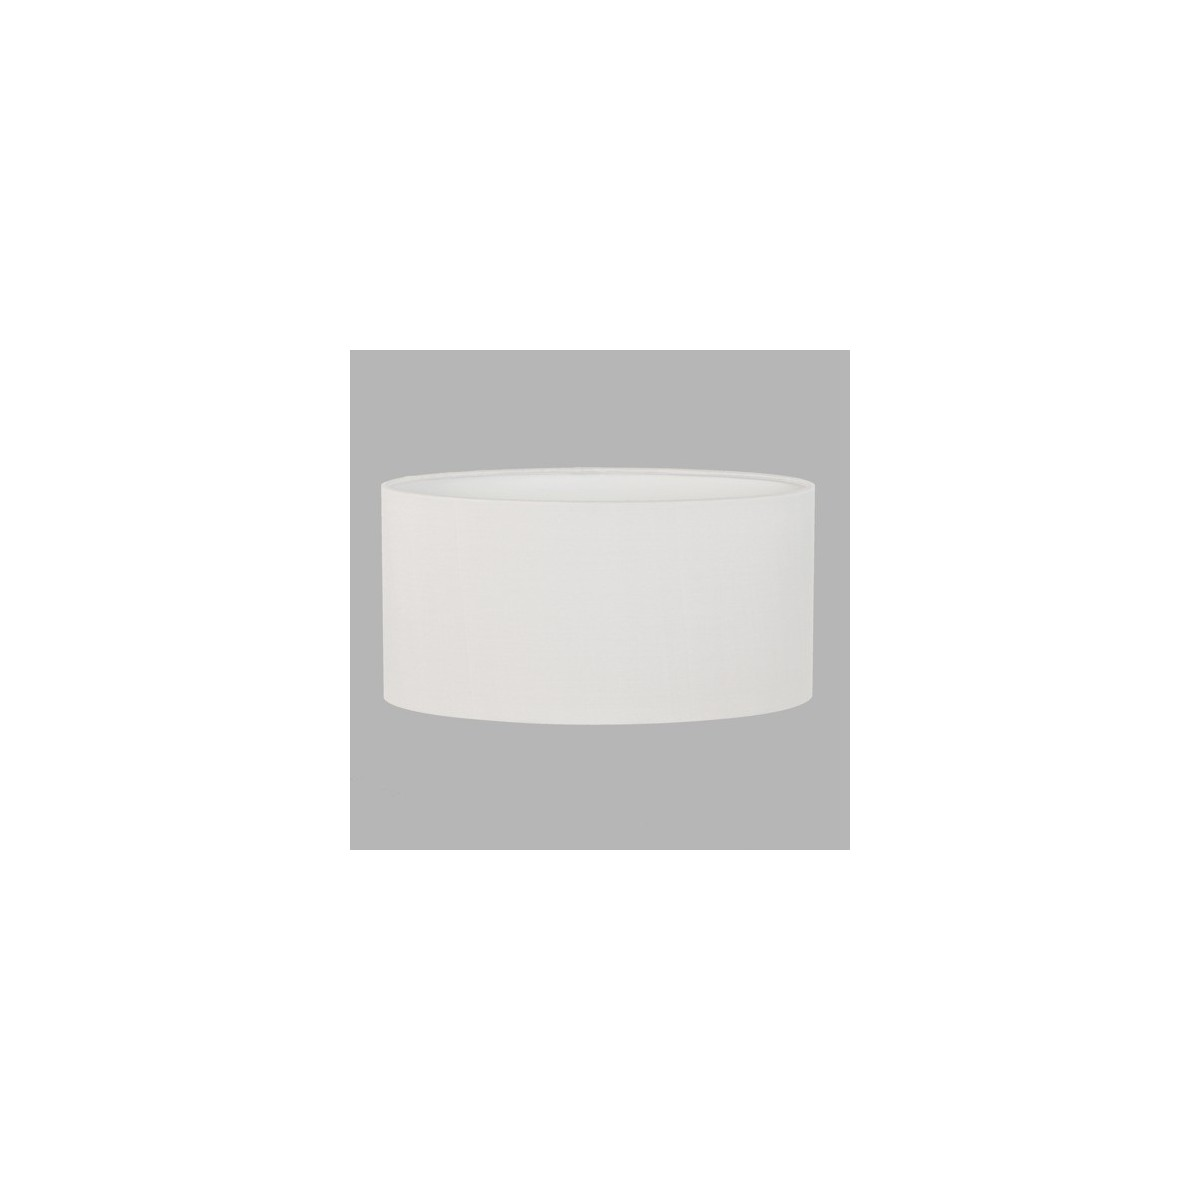 Astro Oval 285 Abażur Biały 5014001